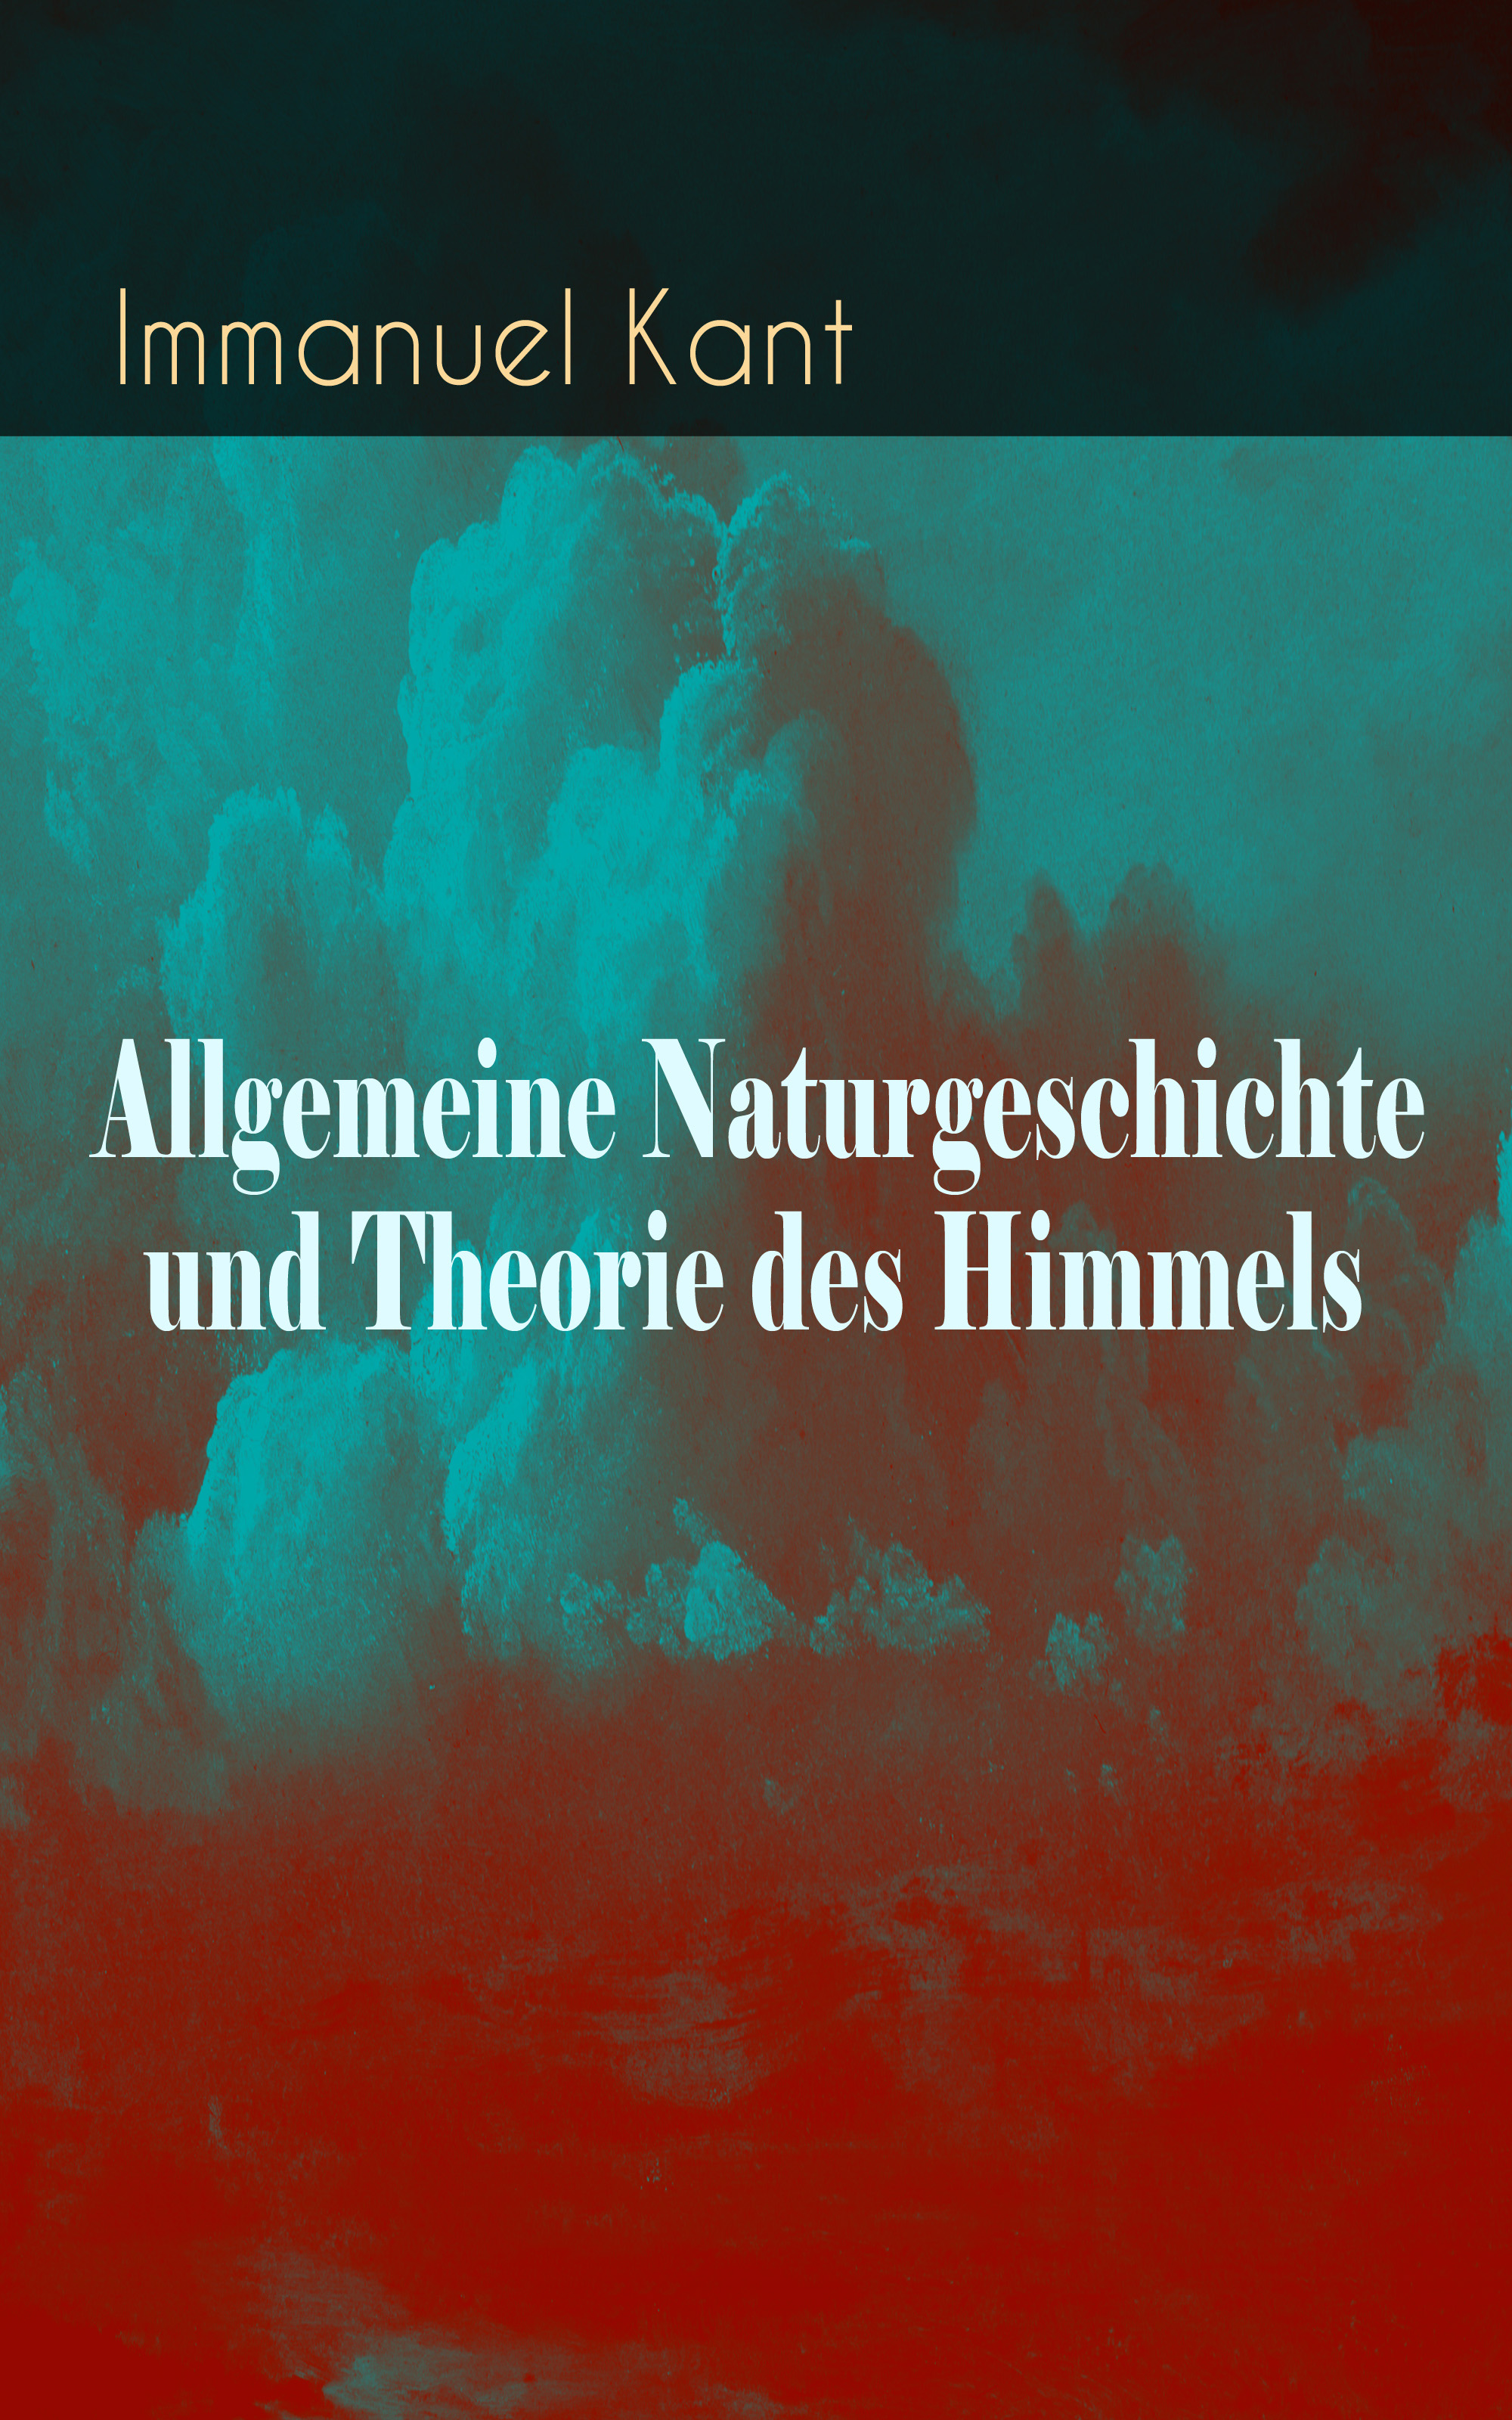 Immanuel Kant Allgemeine Naturgeschichte und Theorie des Himmels уильям батлер йейтс чистилище